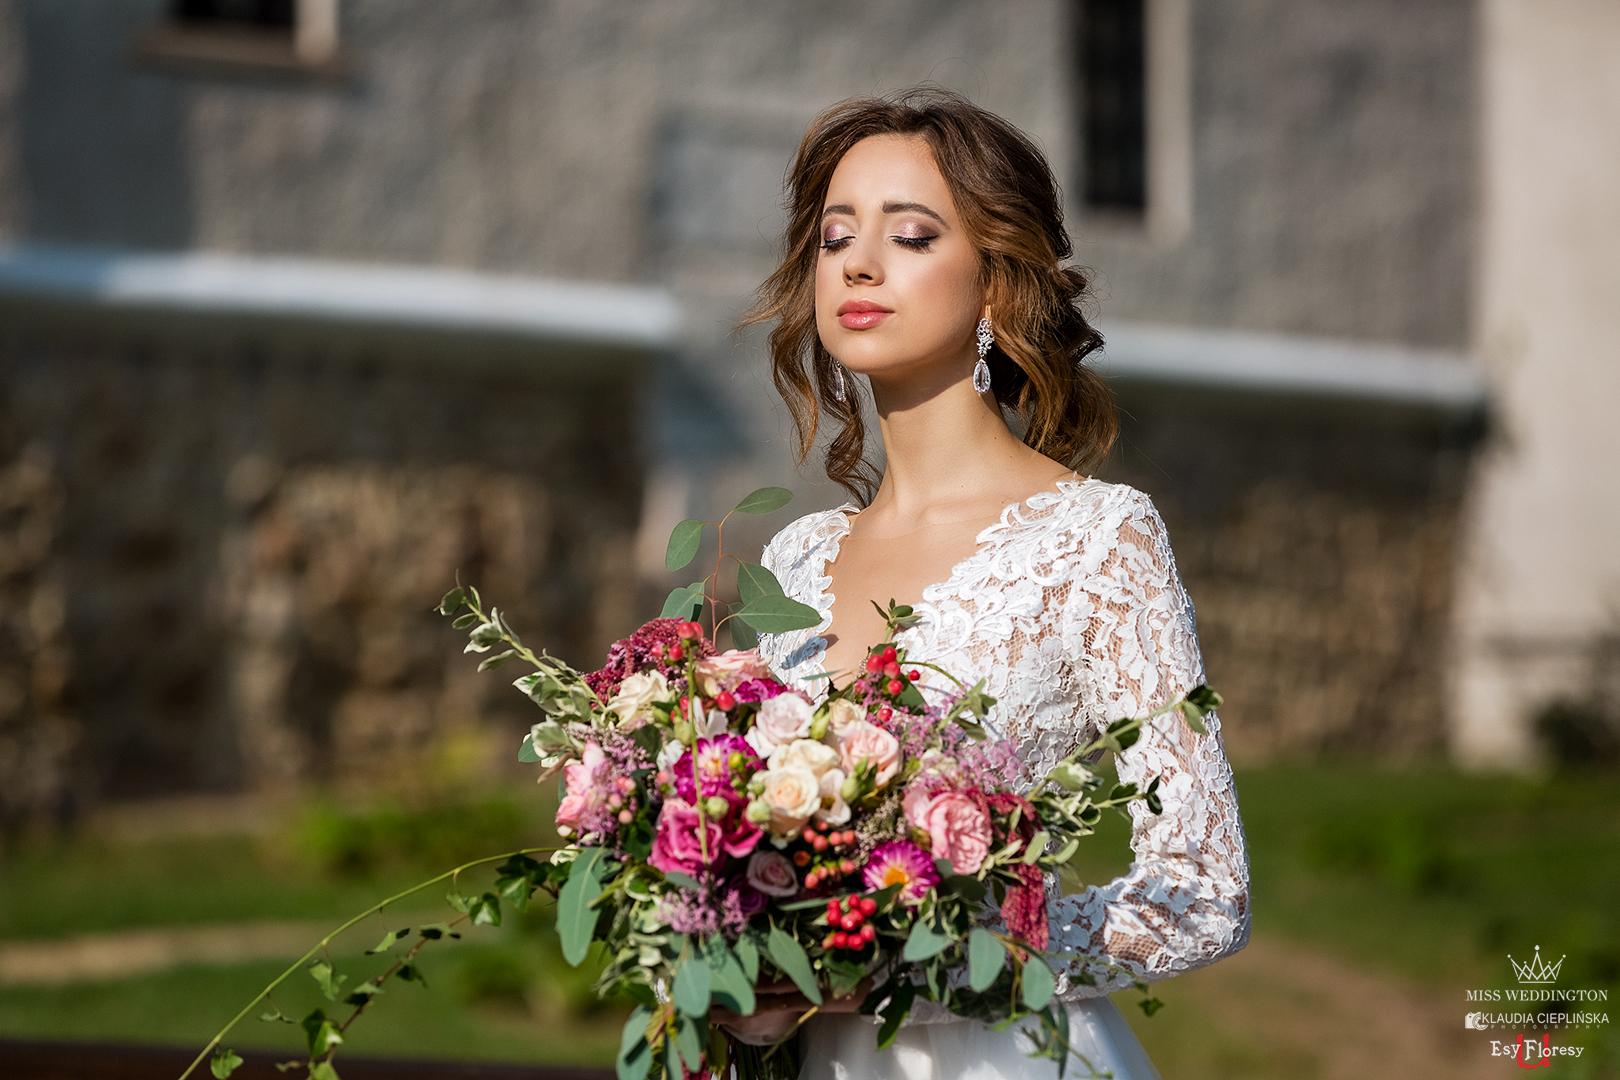 Stylizowana sesja ślubna w Zamku Karpniki koło Jeleniej Góry. Profesjonalna fotografia ślubna Jelenia Góra - Klaudia Cieplińska